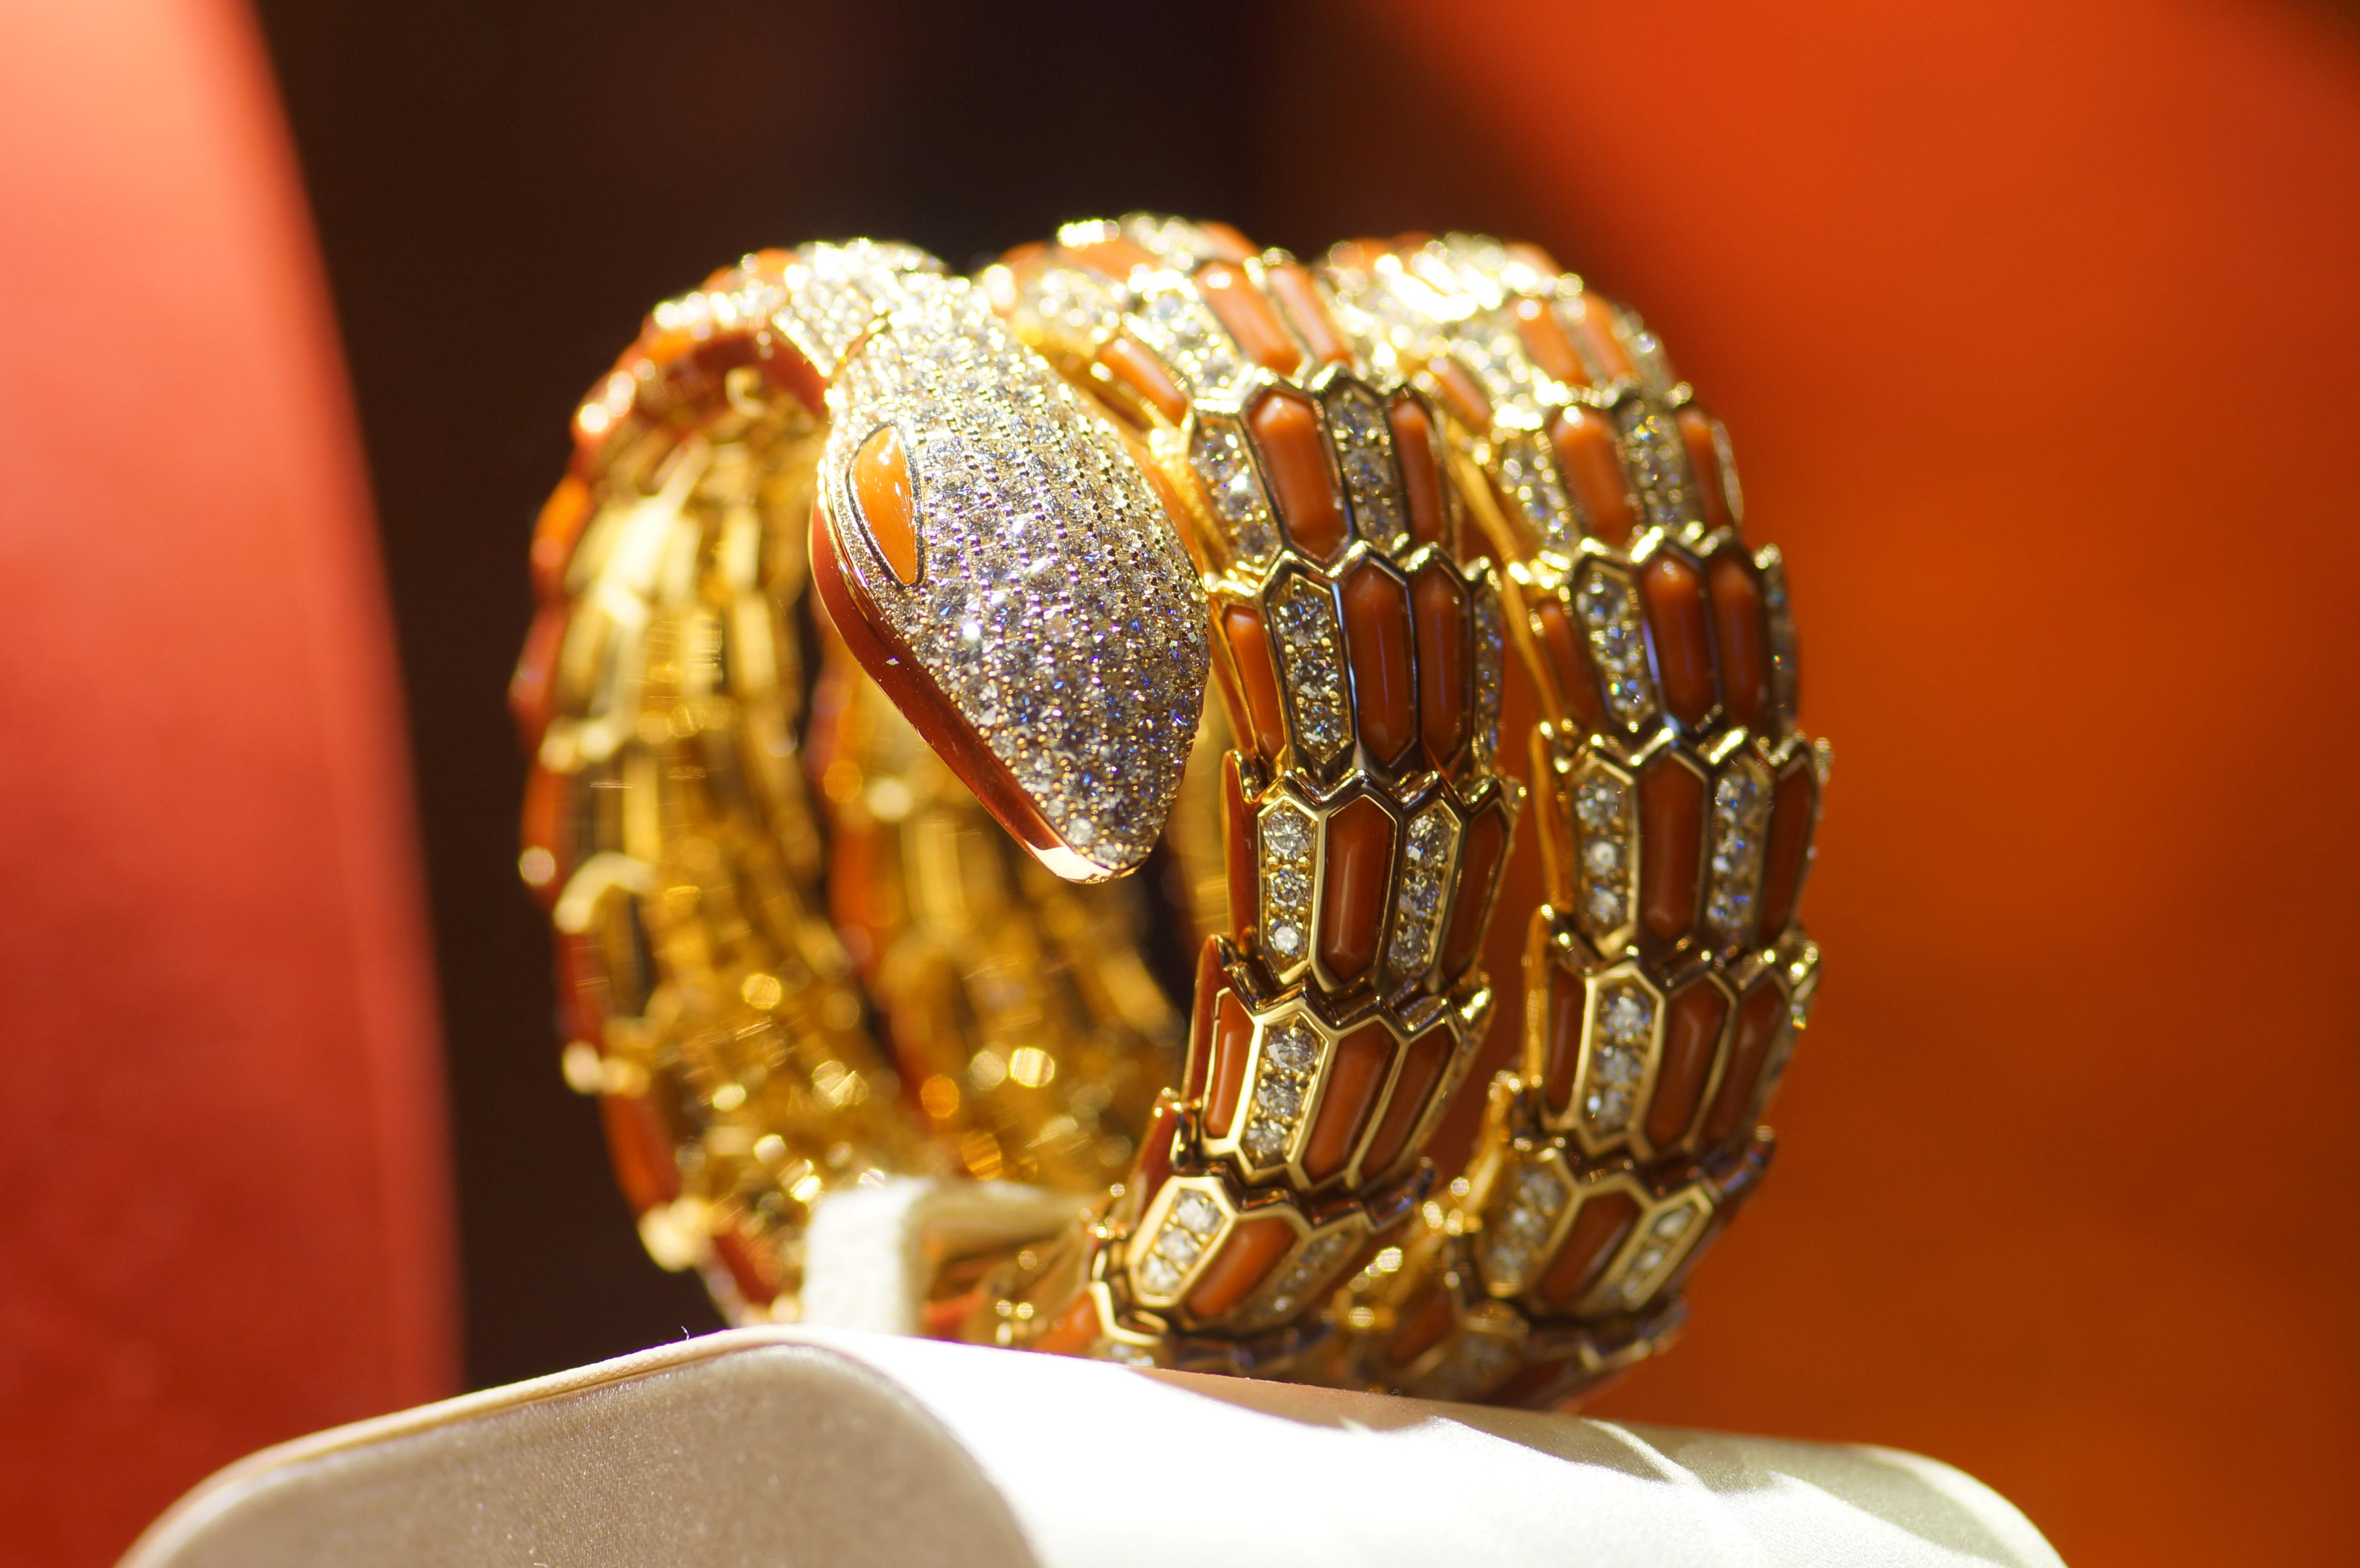 Jewelry Exhibition (3)